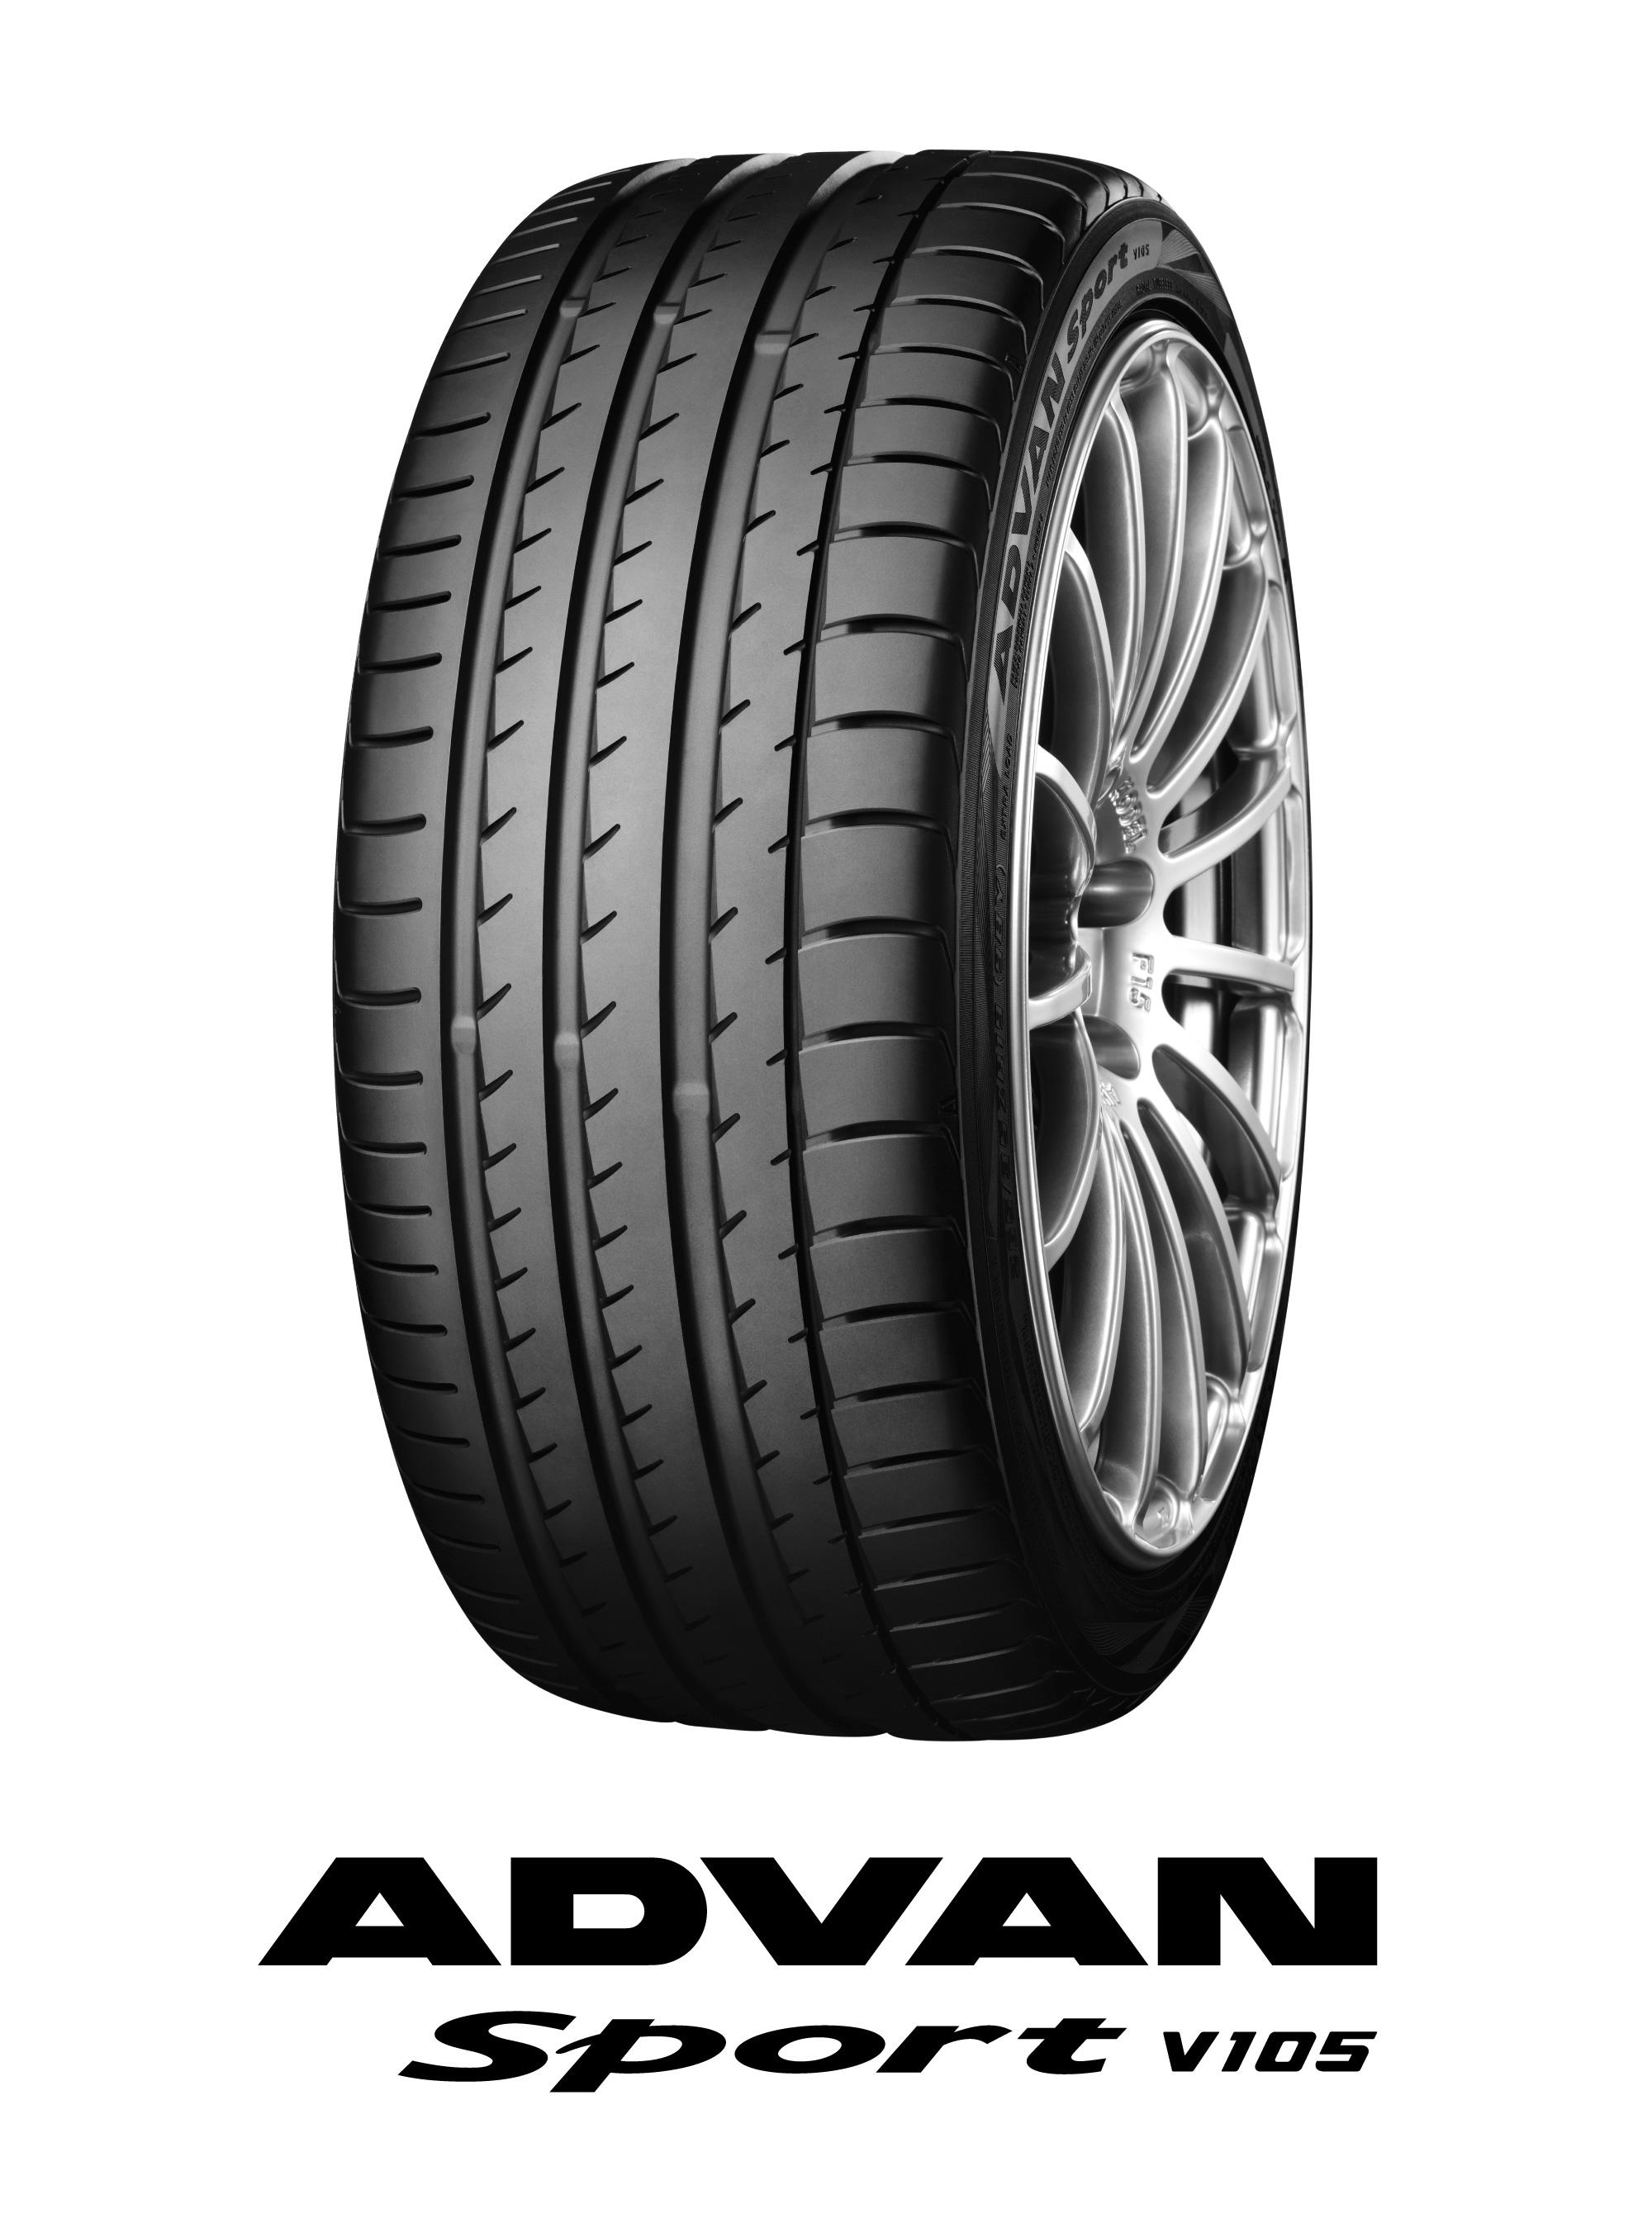 YOKOHAMA-20550R17-ADVAN-Sport-V105-NYARI-SZEMELYGEPKOCSI-GUMI